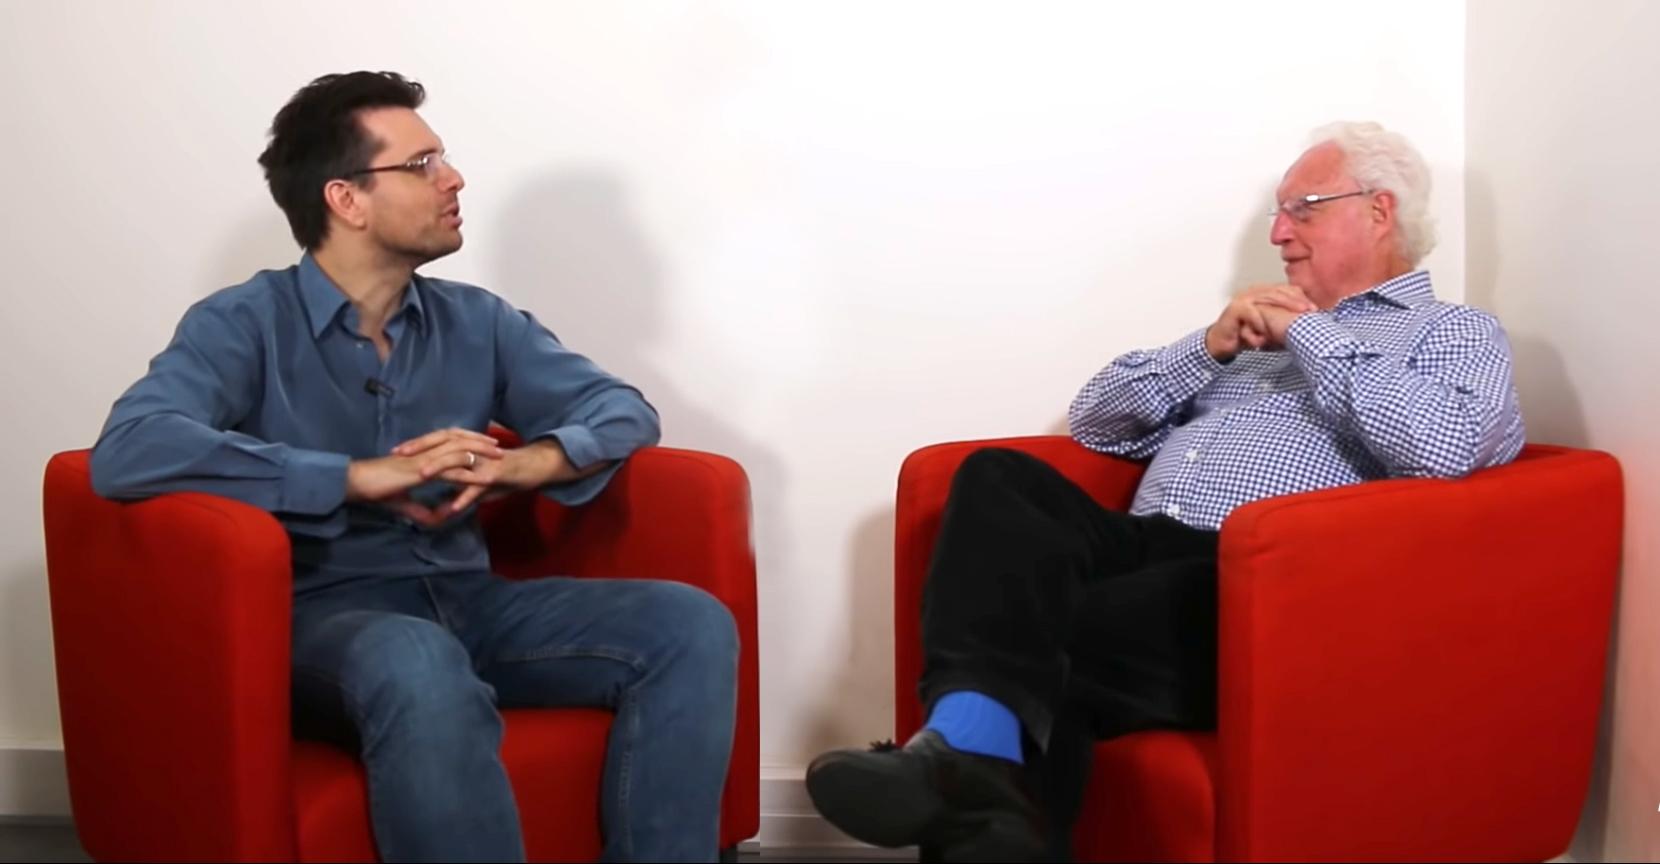 Charles Gave de la société Gavekal & Richard Détente de la chaîne Youtube Grand Angle discutent amicalement à propos de la bulle obligataire et de ses risques